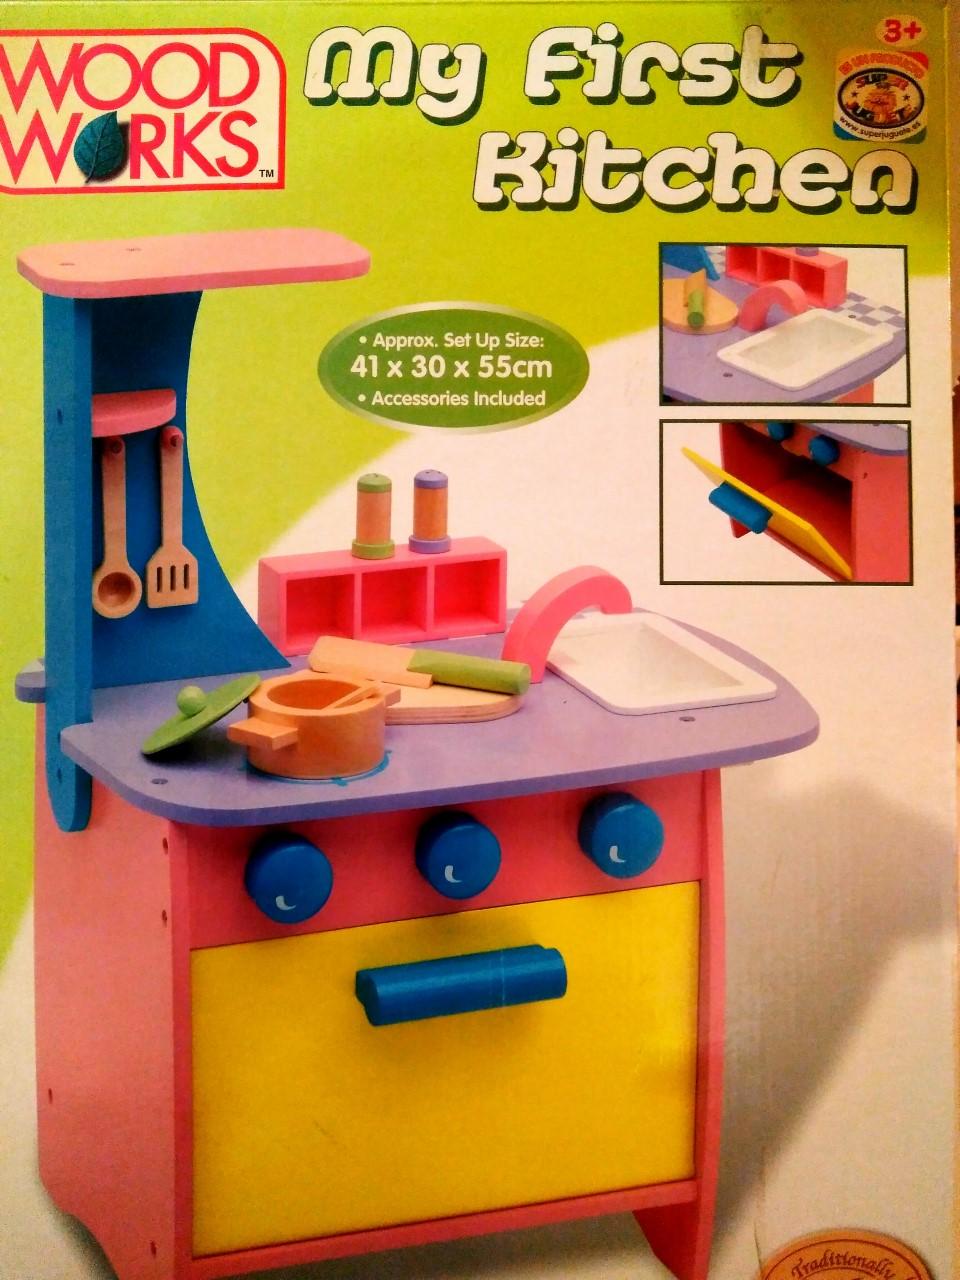 Cocina infantil madera superjuguete montoro for Cocina infantil madera